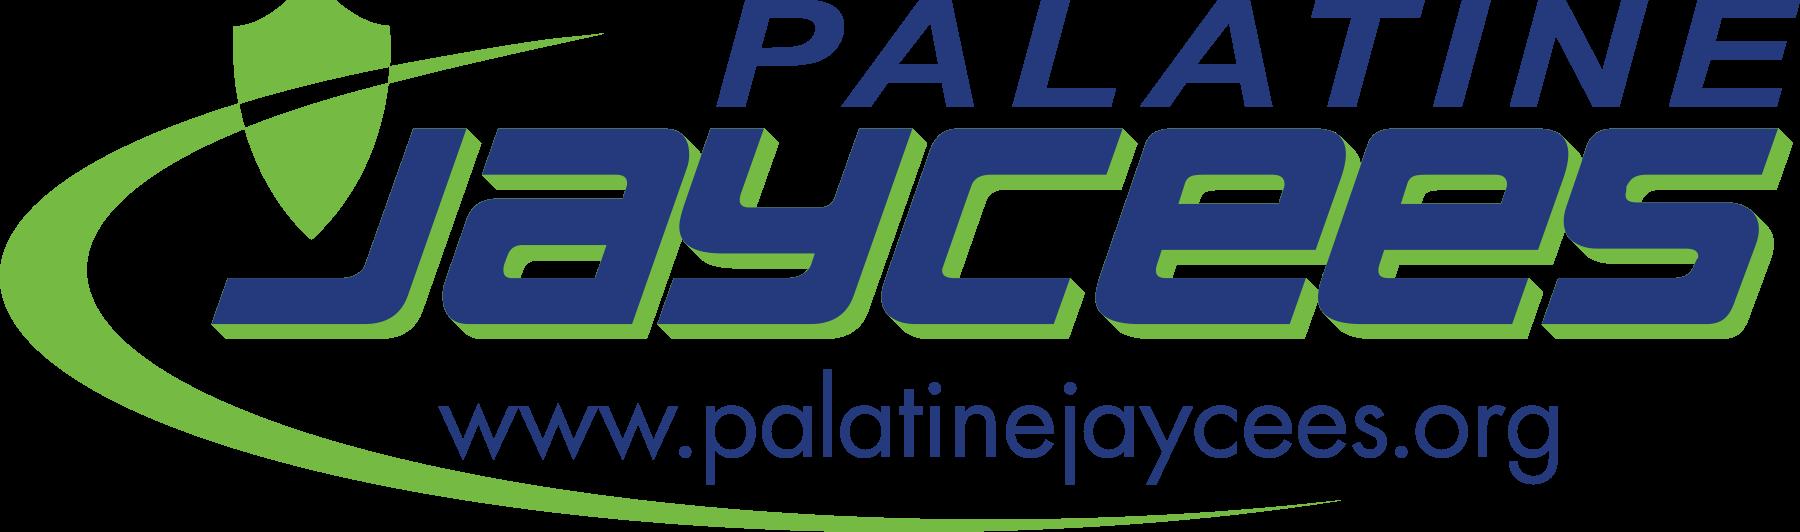 Palatine Jaycees (Palatine, IL)